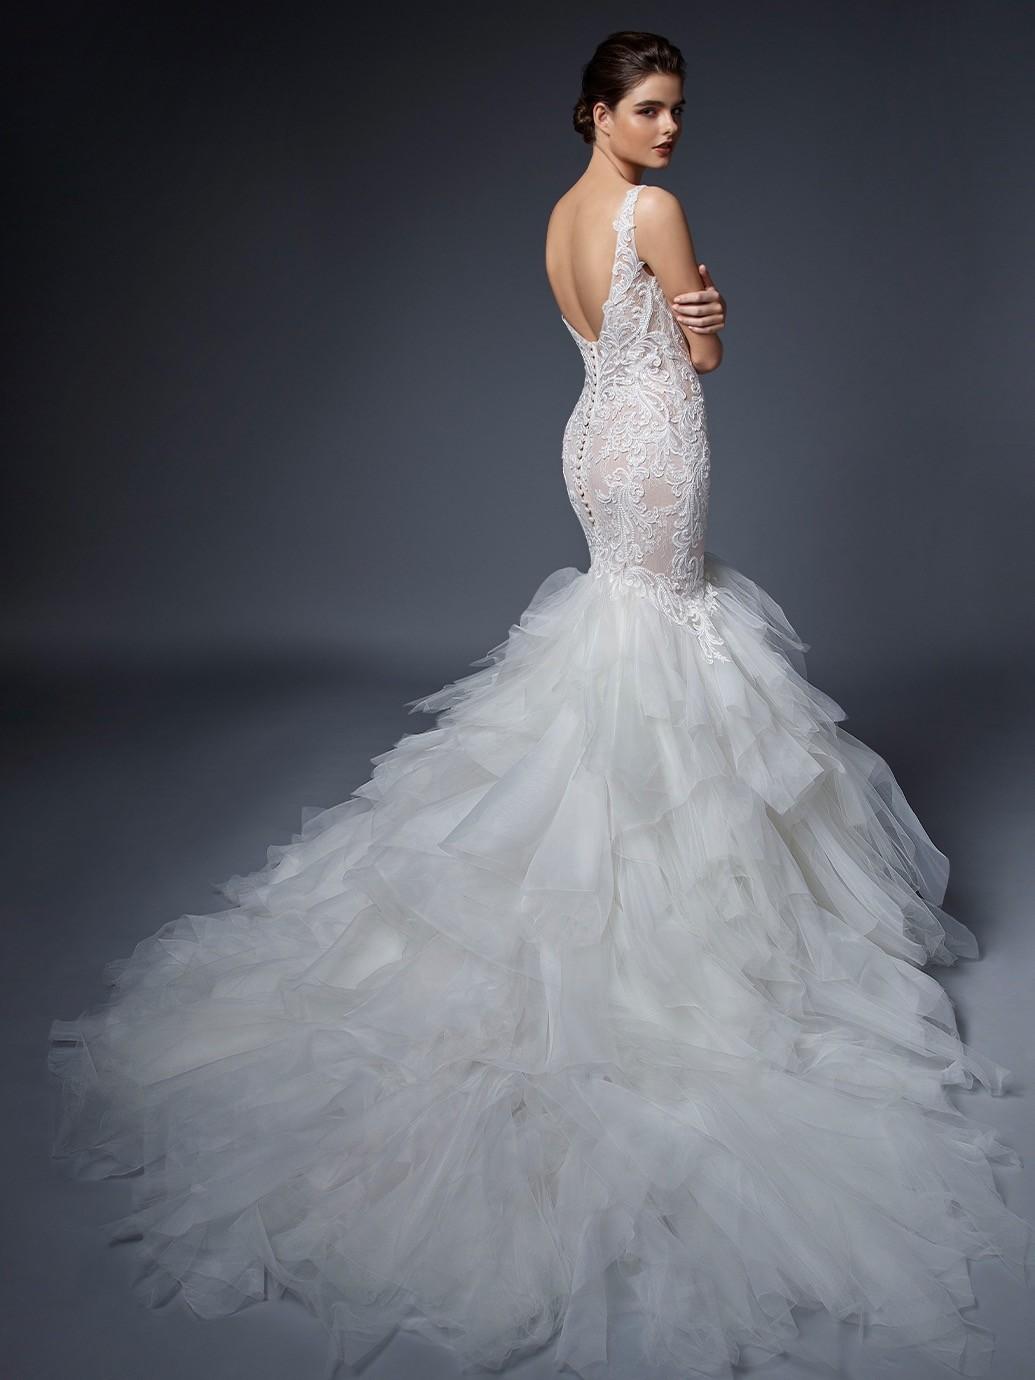 Brautkleid im Fit-and-Flare-Schnitt mit Volants, Spitze, Plunge-Ausschnitt und Schleppe von Elysée, Modell Isabelle